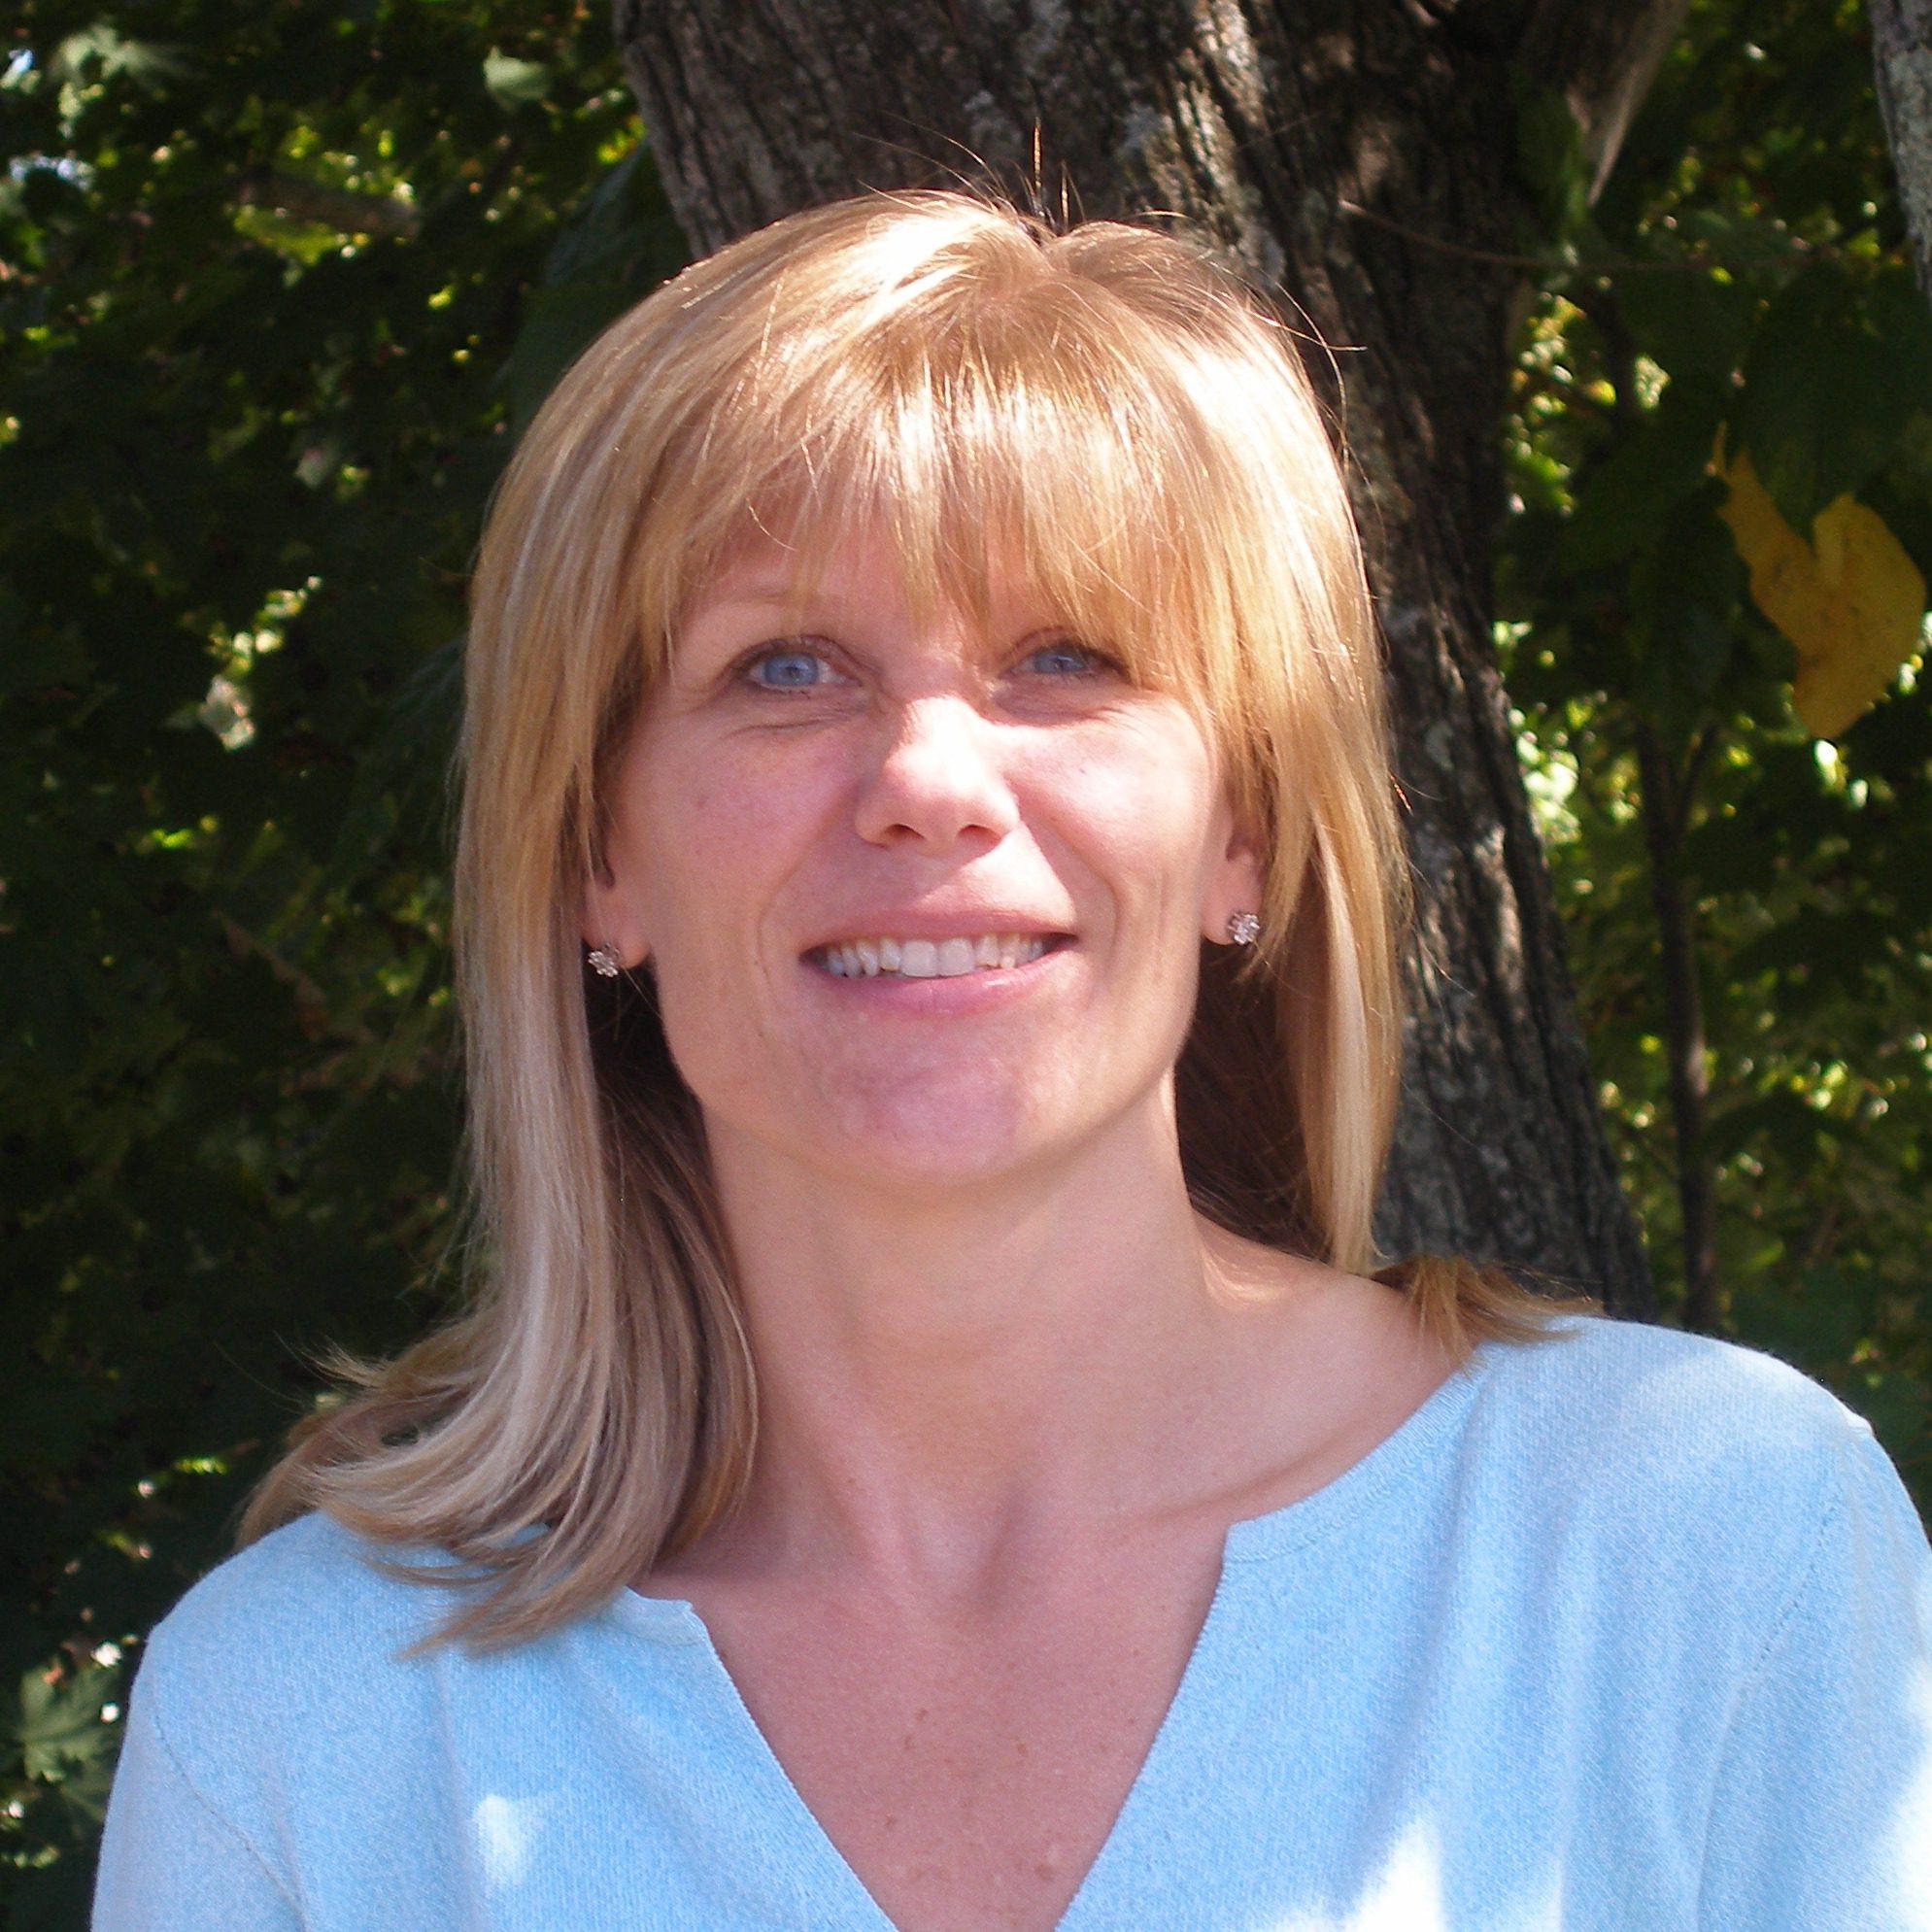 Kristen Sidman